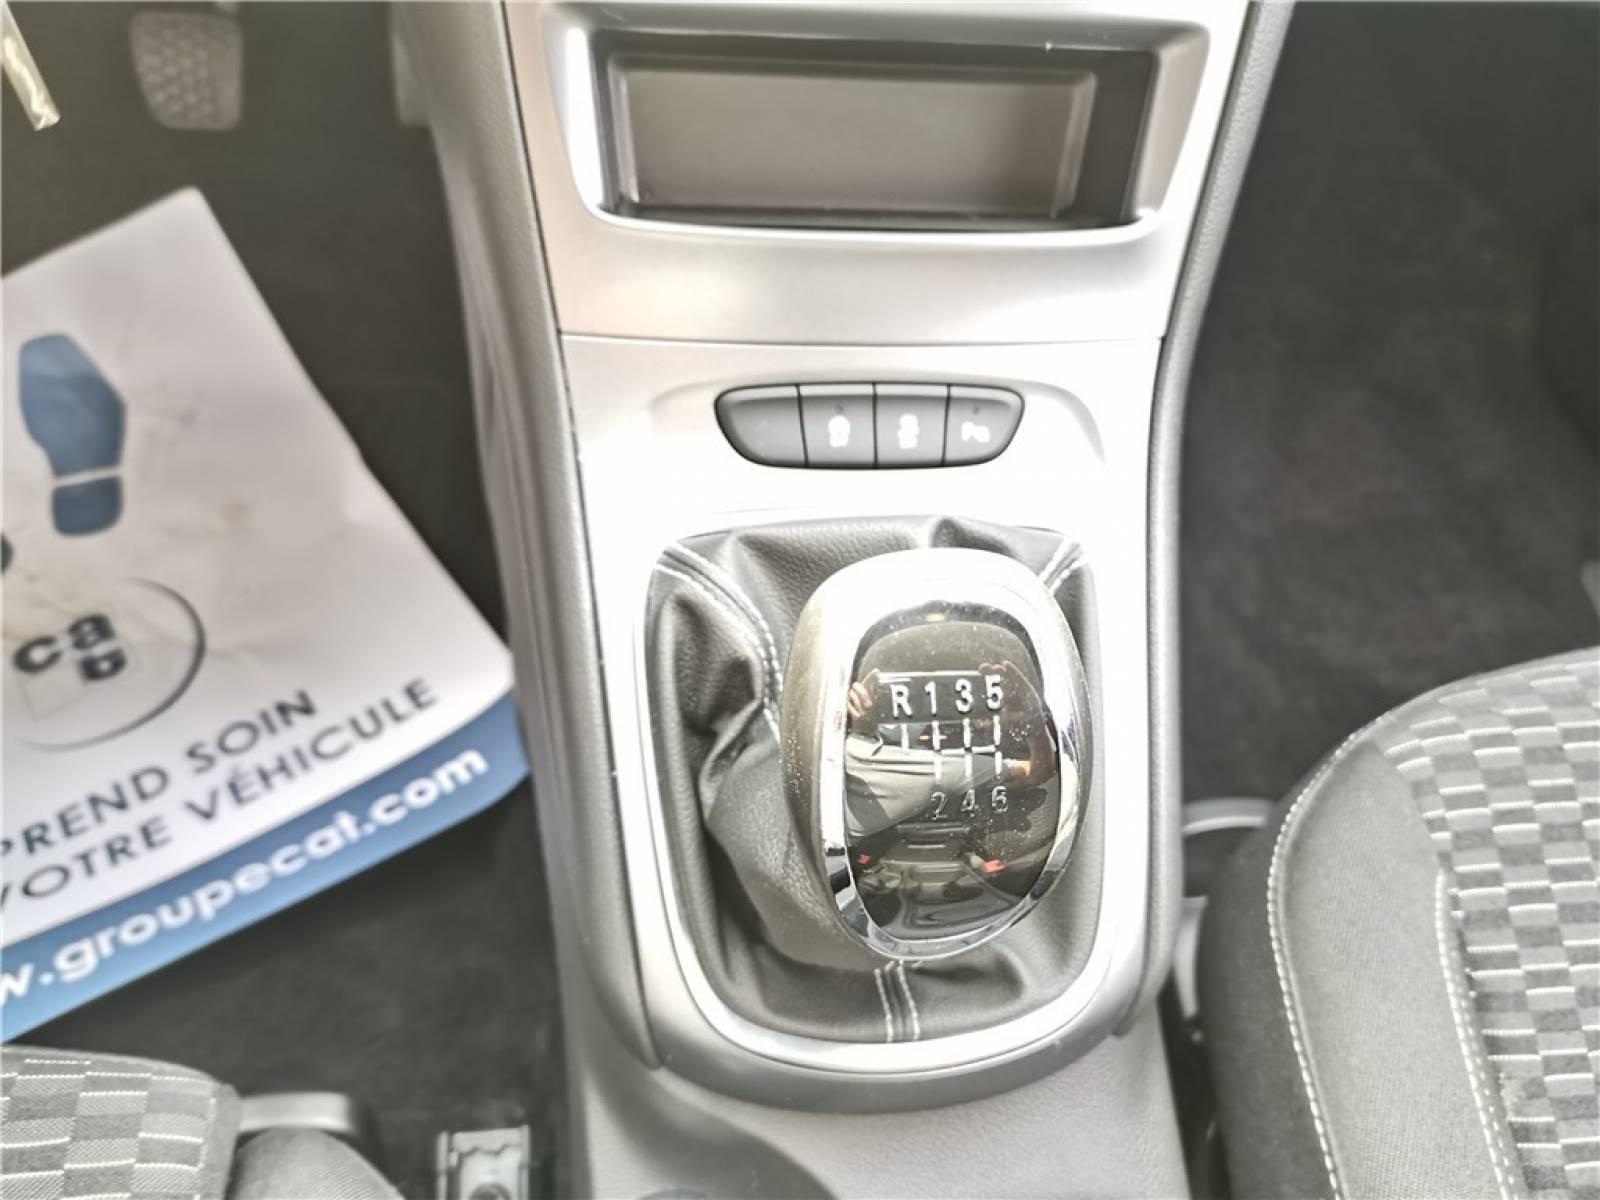 OPEL Astra Sports Tourer 1.6 Diesel 110 ch - véhicule d'occasion - Groupe Guillet - Opel Magicauto - Montceau-les-Mines - 71300 - Montceau-les-Mines - 11